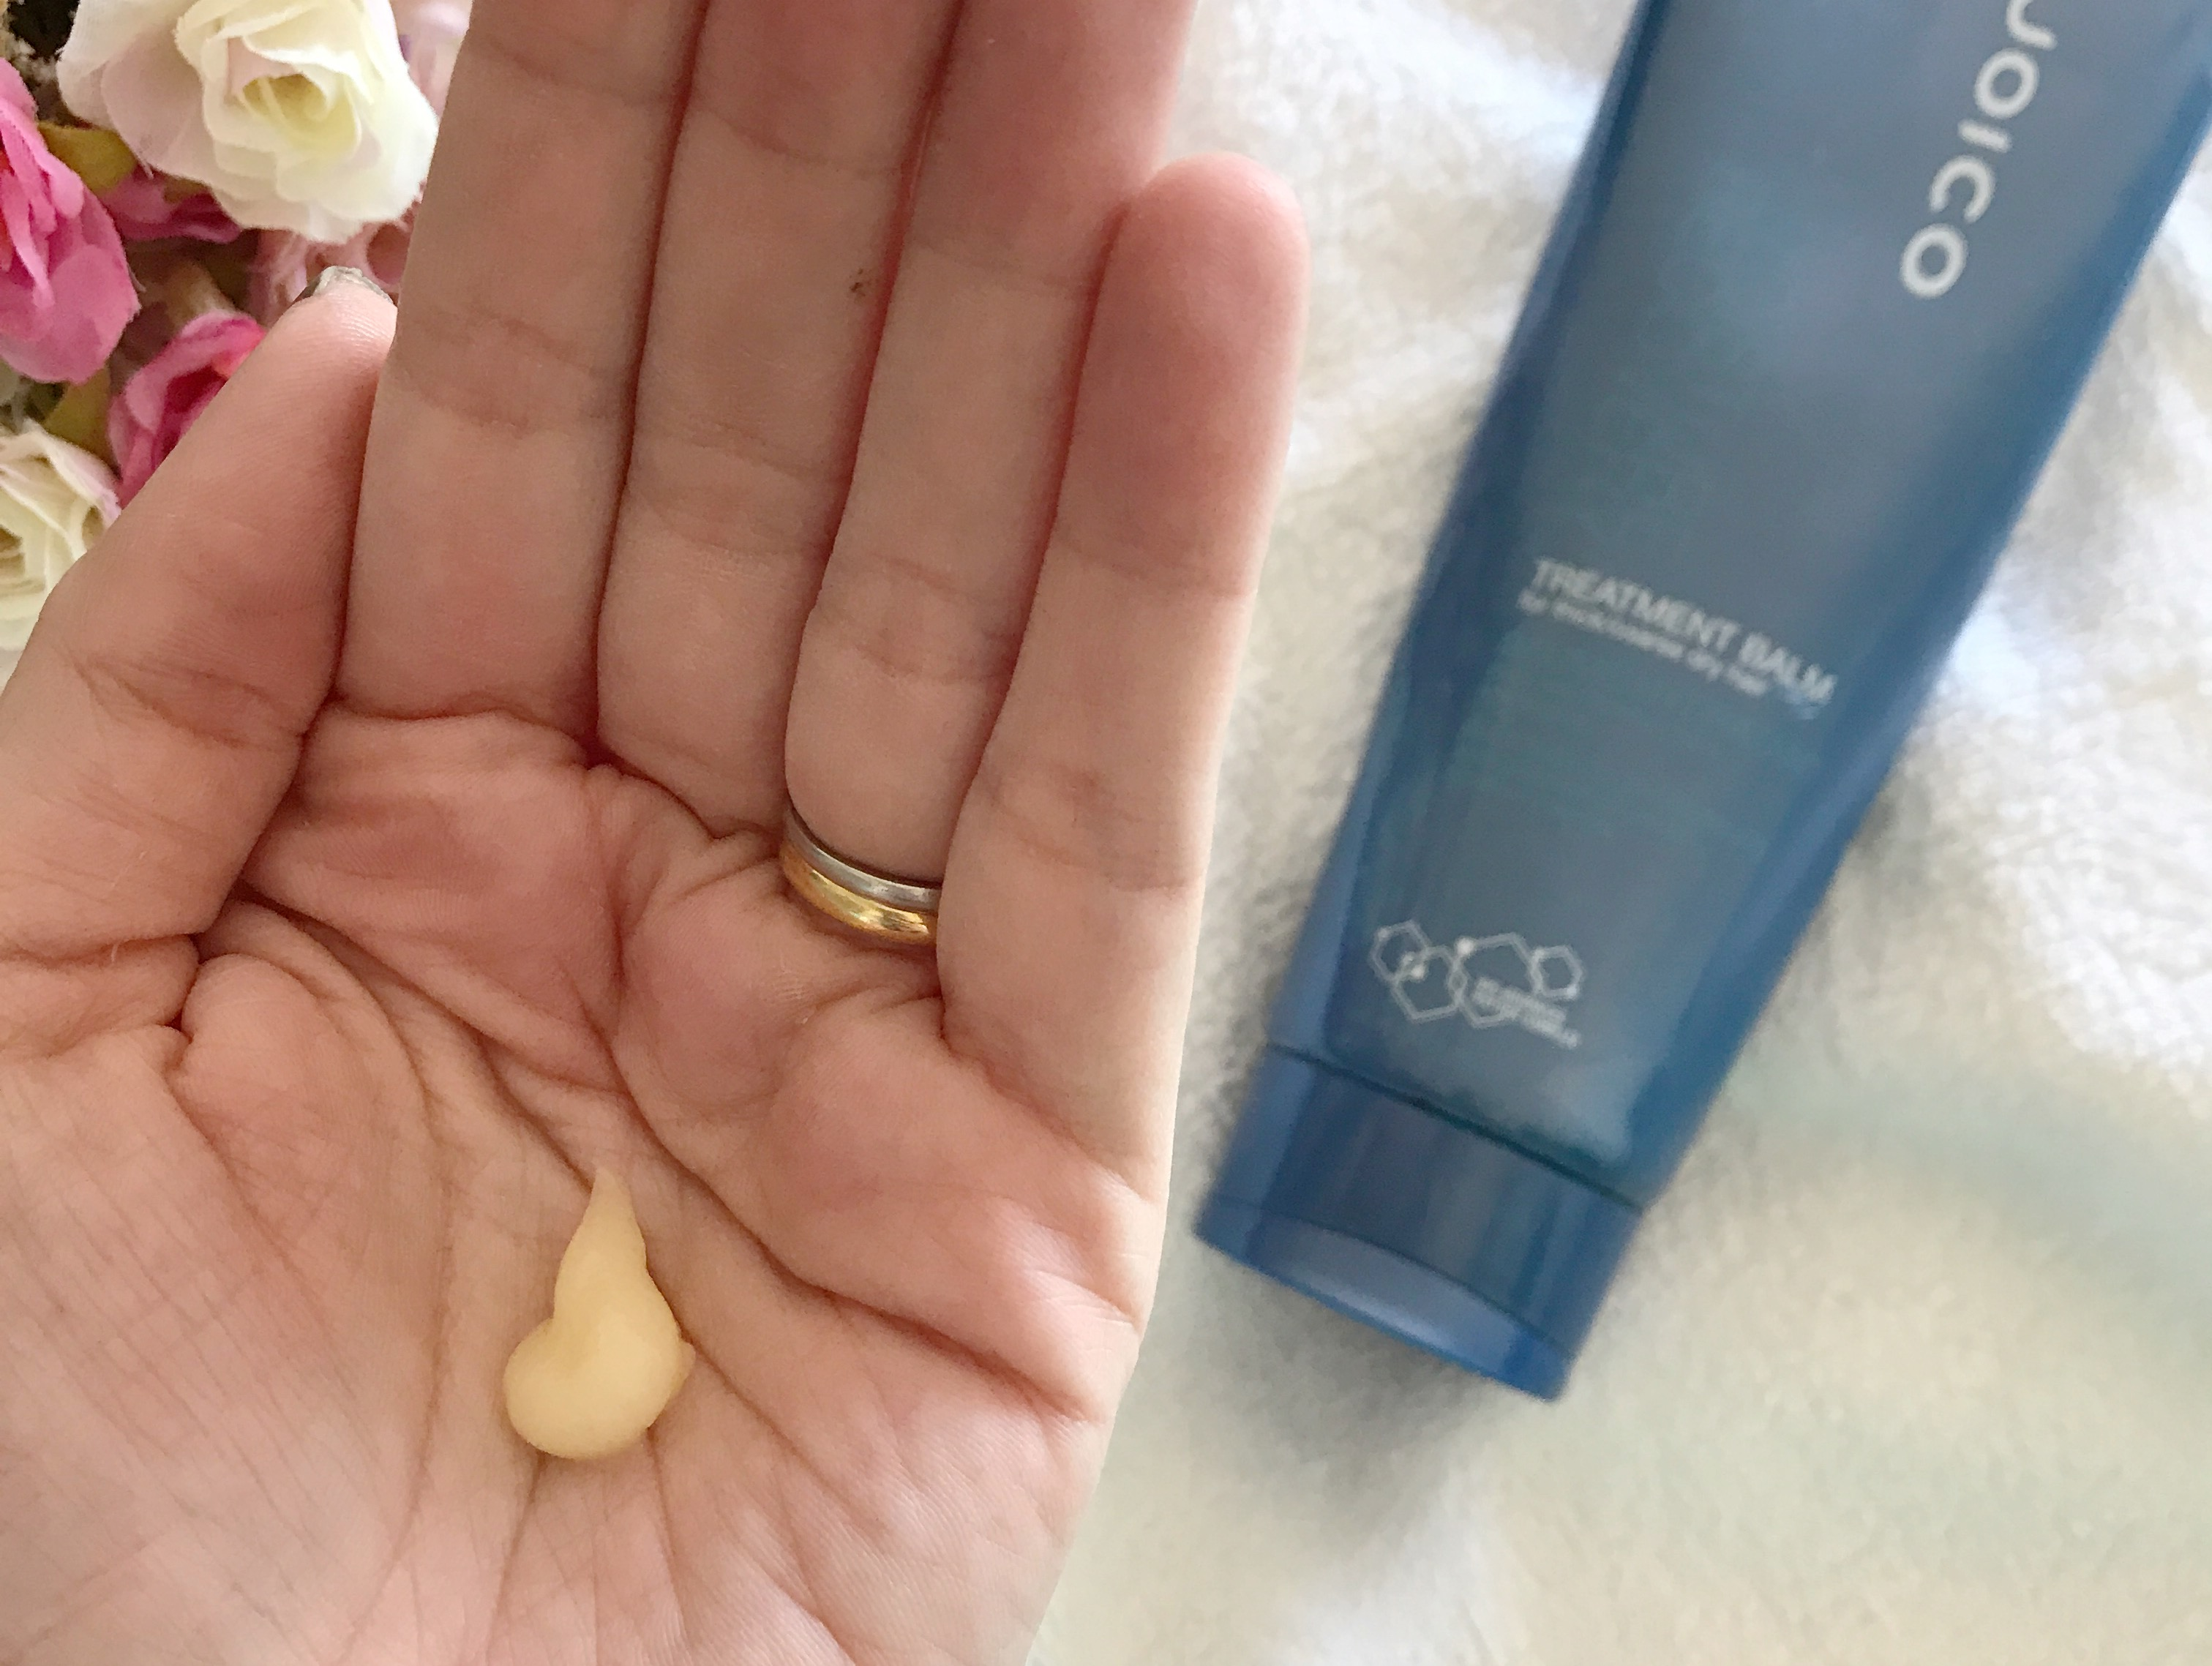 Resenha da mascara para cabelos Joico Moisture Recovery - Giuli Castro